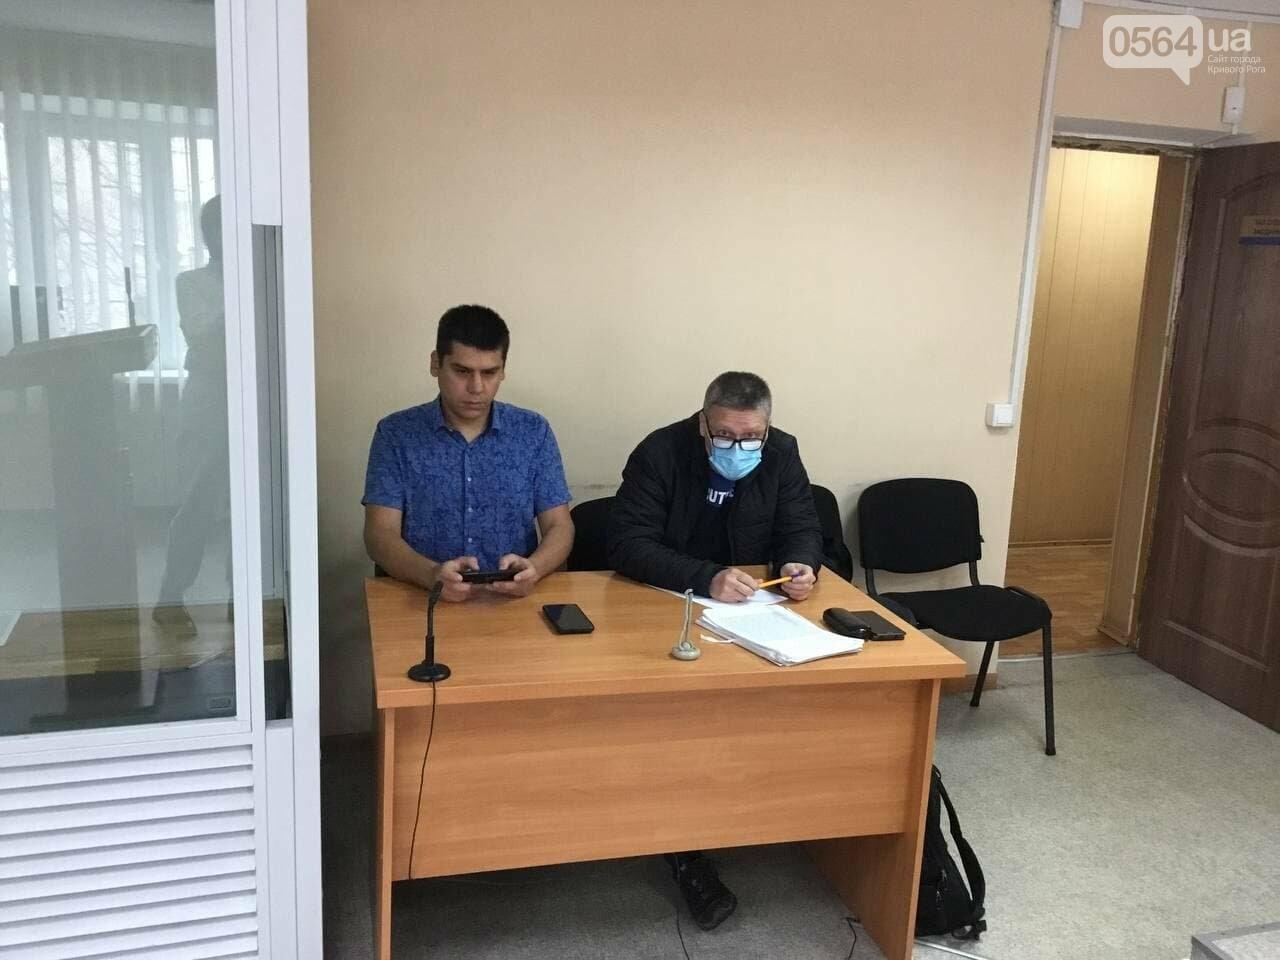 В суде по делу о конфликте между криворожским активистом и муниципальным гвардейцем допросили одного из свидетелей, - ФОТО, ВИДЕО, фото-5